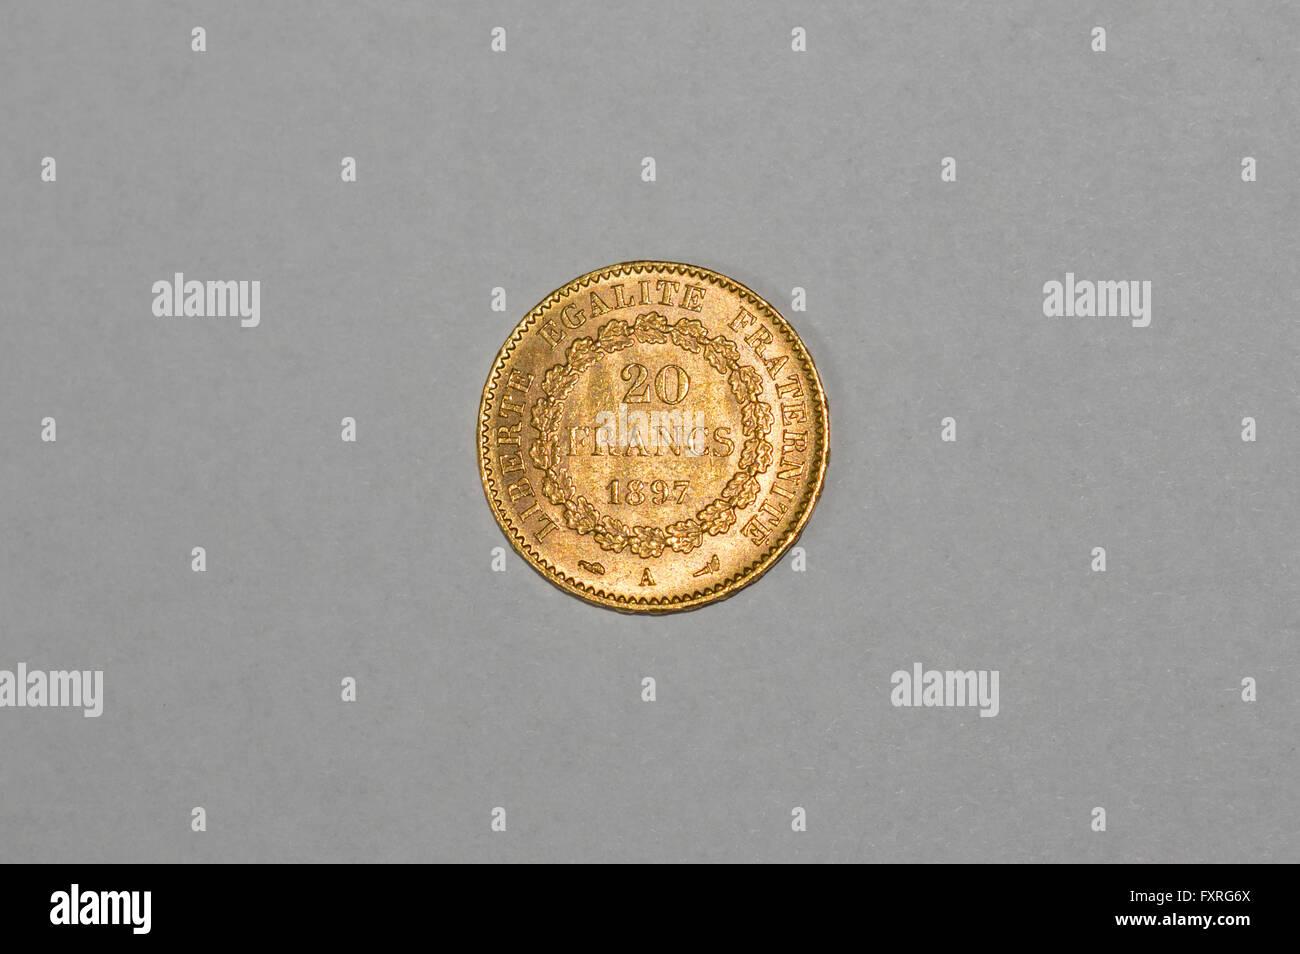 19 Jahrhundert Französisch 20 Franken Gold Münze Im Jahre 1897